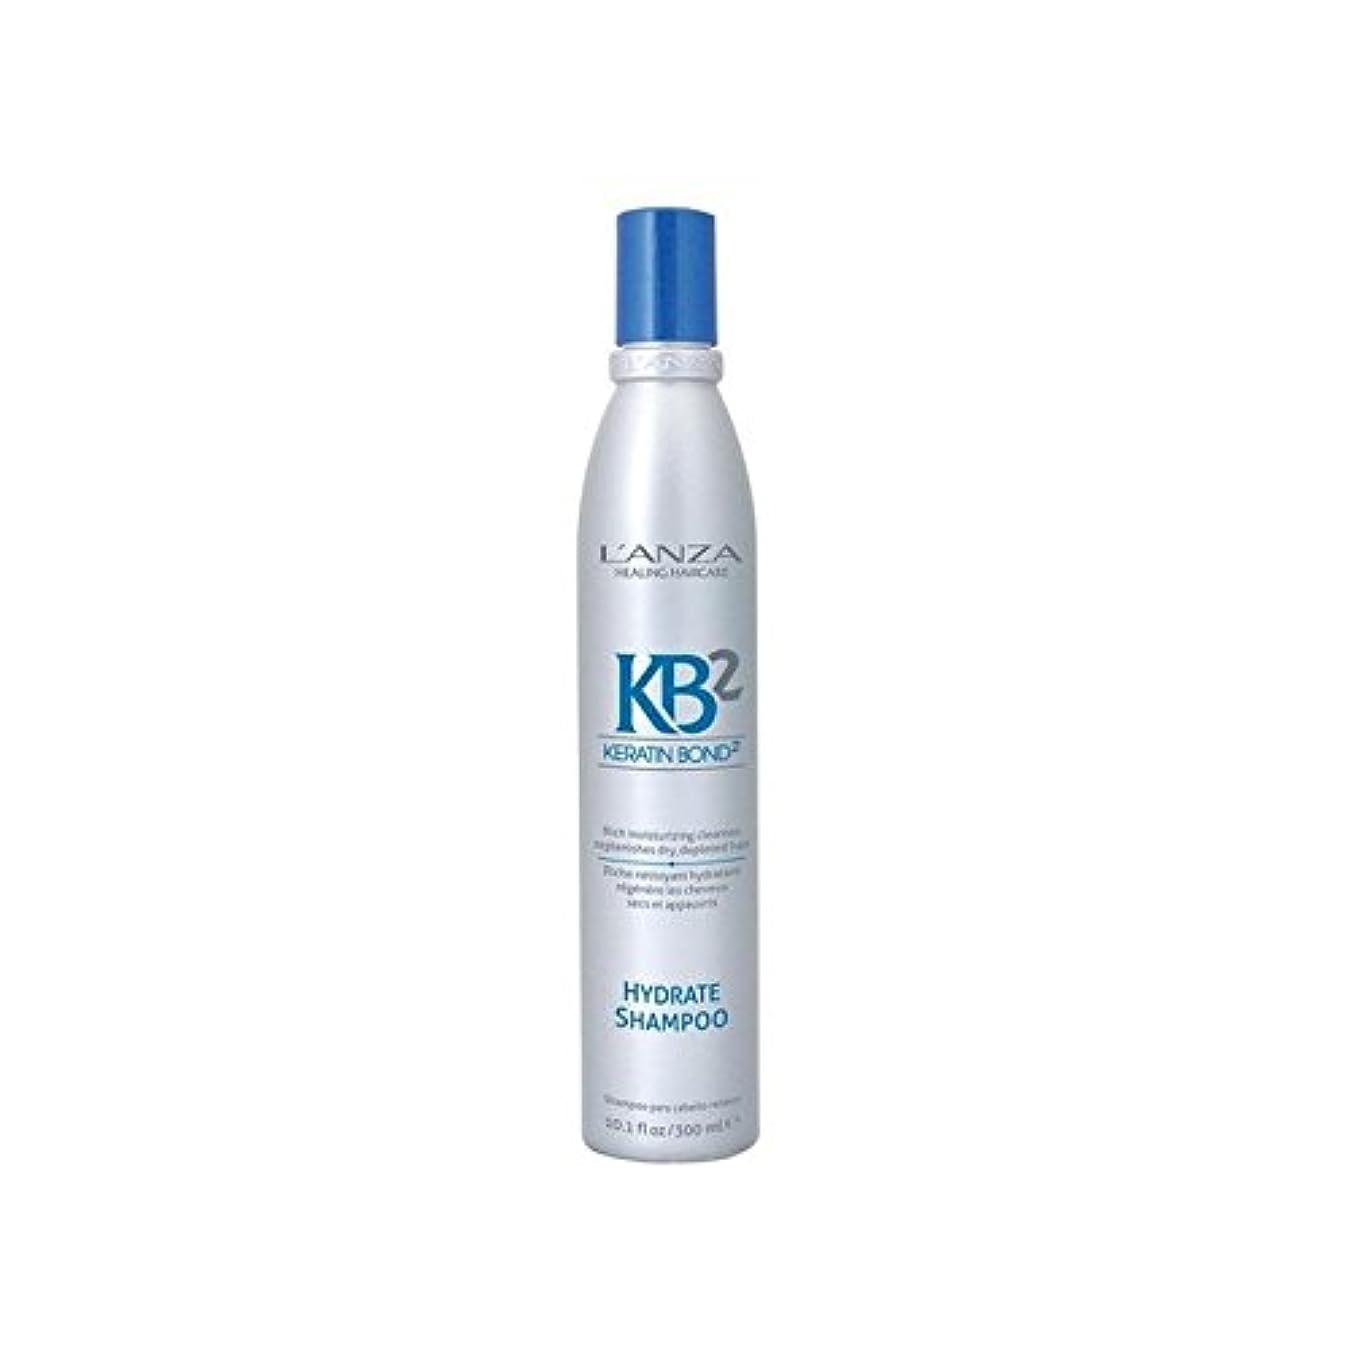 通り首尾一貫した満足させるアンザ2和物シャンプー(300ミリリットル) x4 - L'Anza Kb2 Hydrate Shampoo (300ml) (Pack of 4) [並行輸入品]